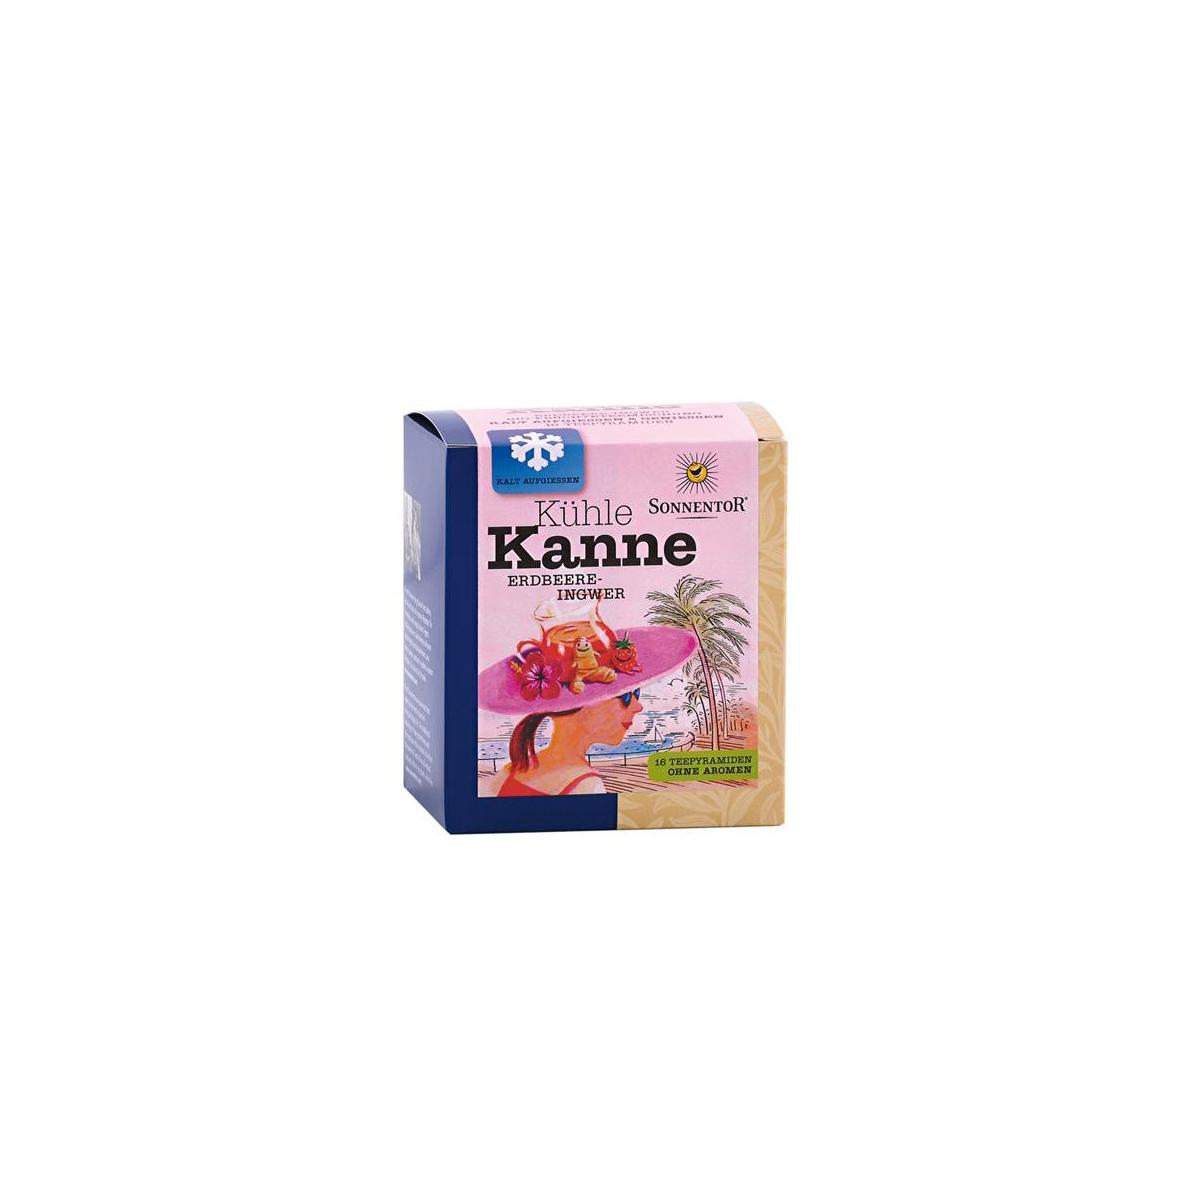 Erdbeer-Ingwer Kühle Kanne Früchtetee